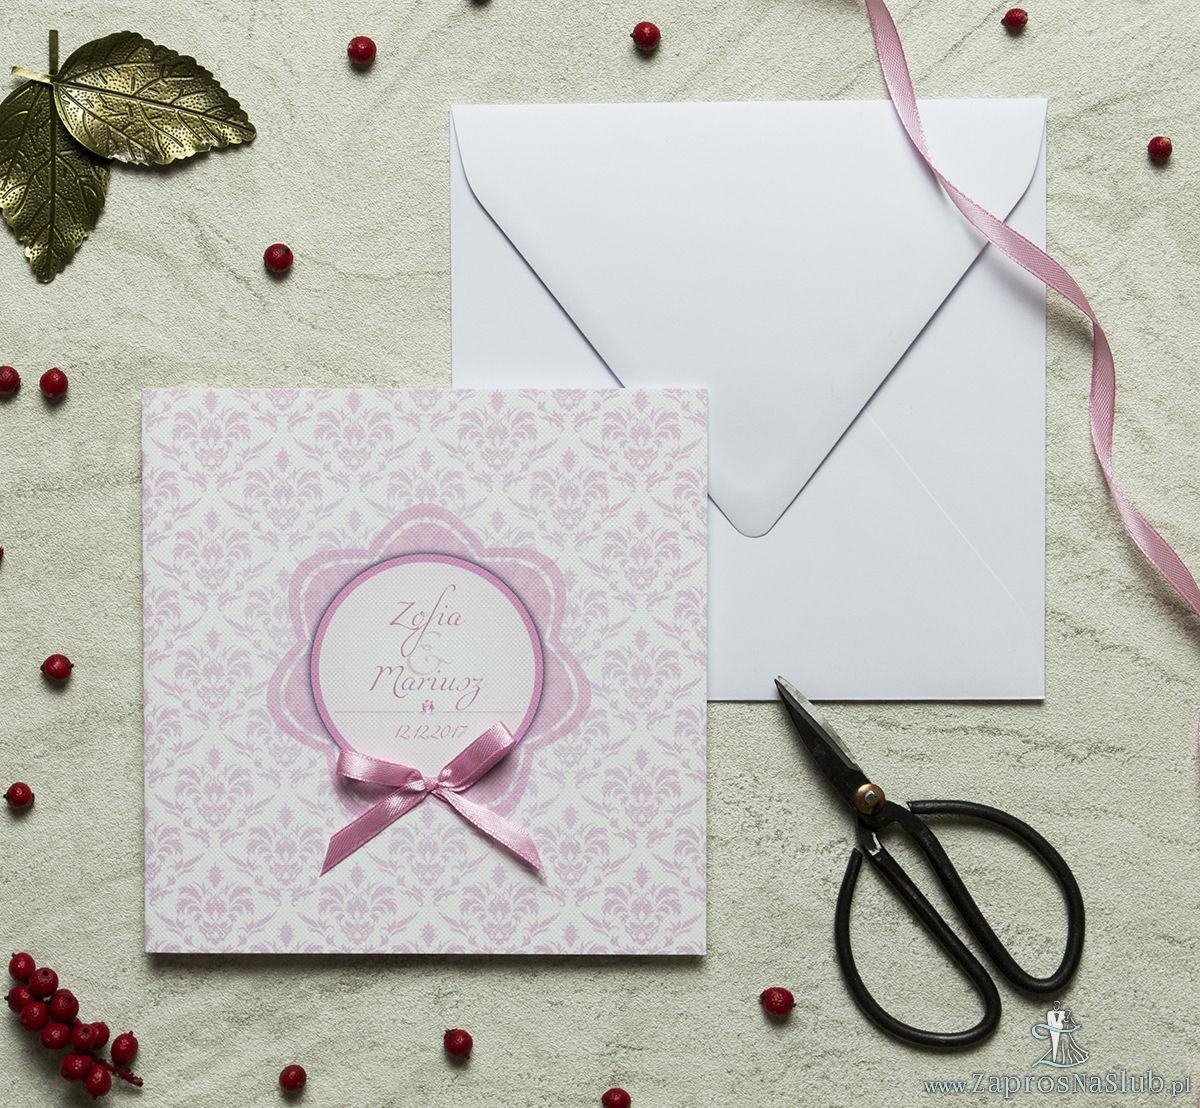 Zaproszenia designerskie - różowy barokowy damask z biało-różowym motywem kwiatowym oraz satynową kokardką. ZAP-11-12